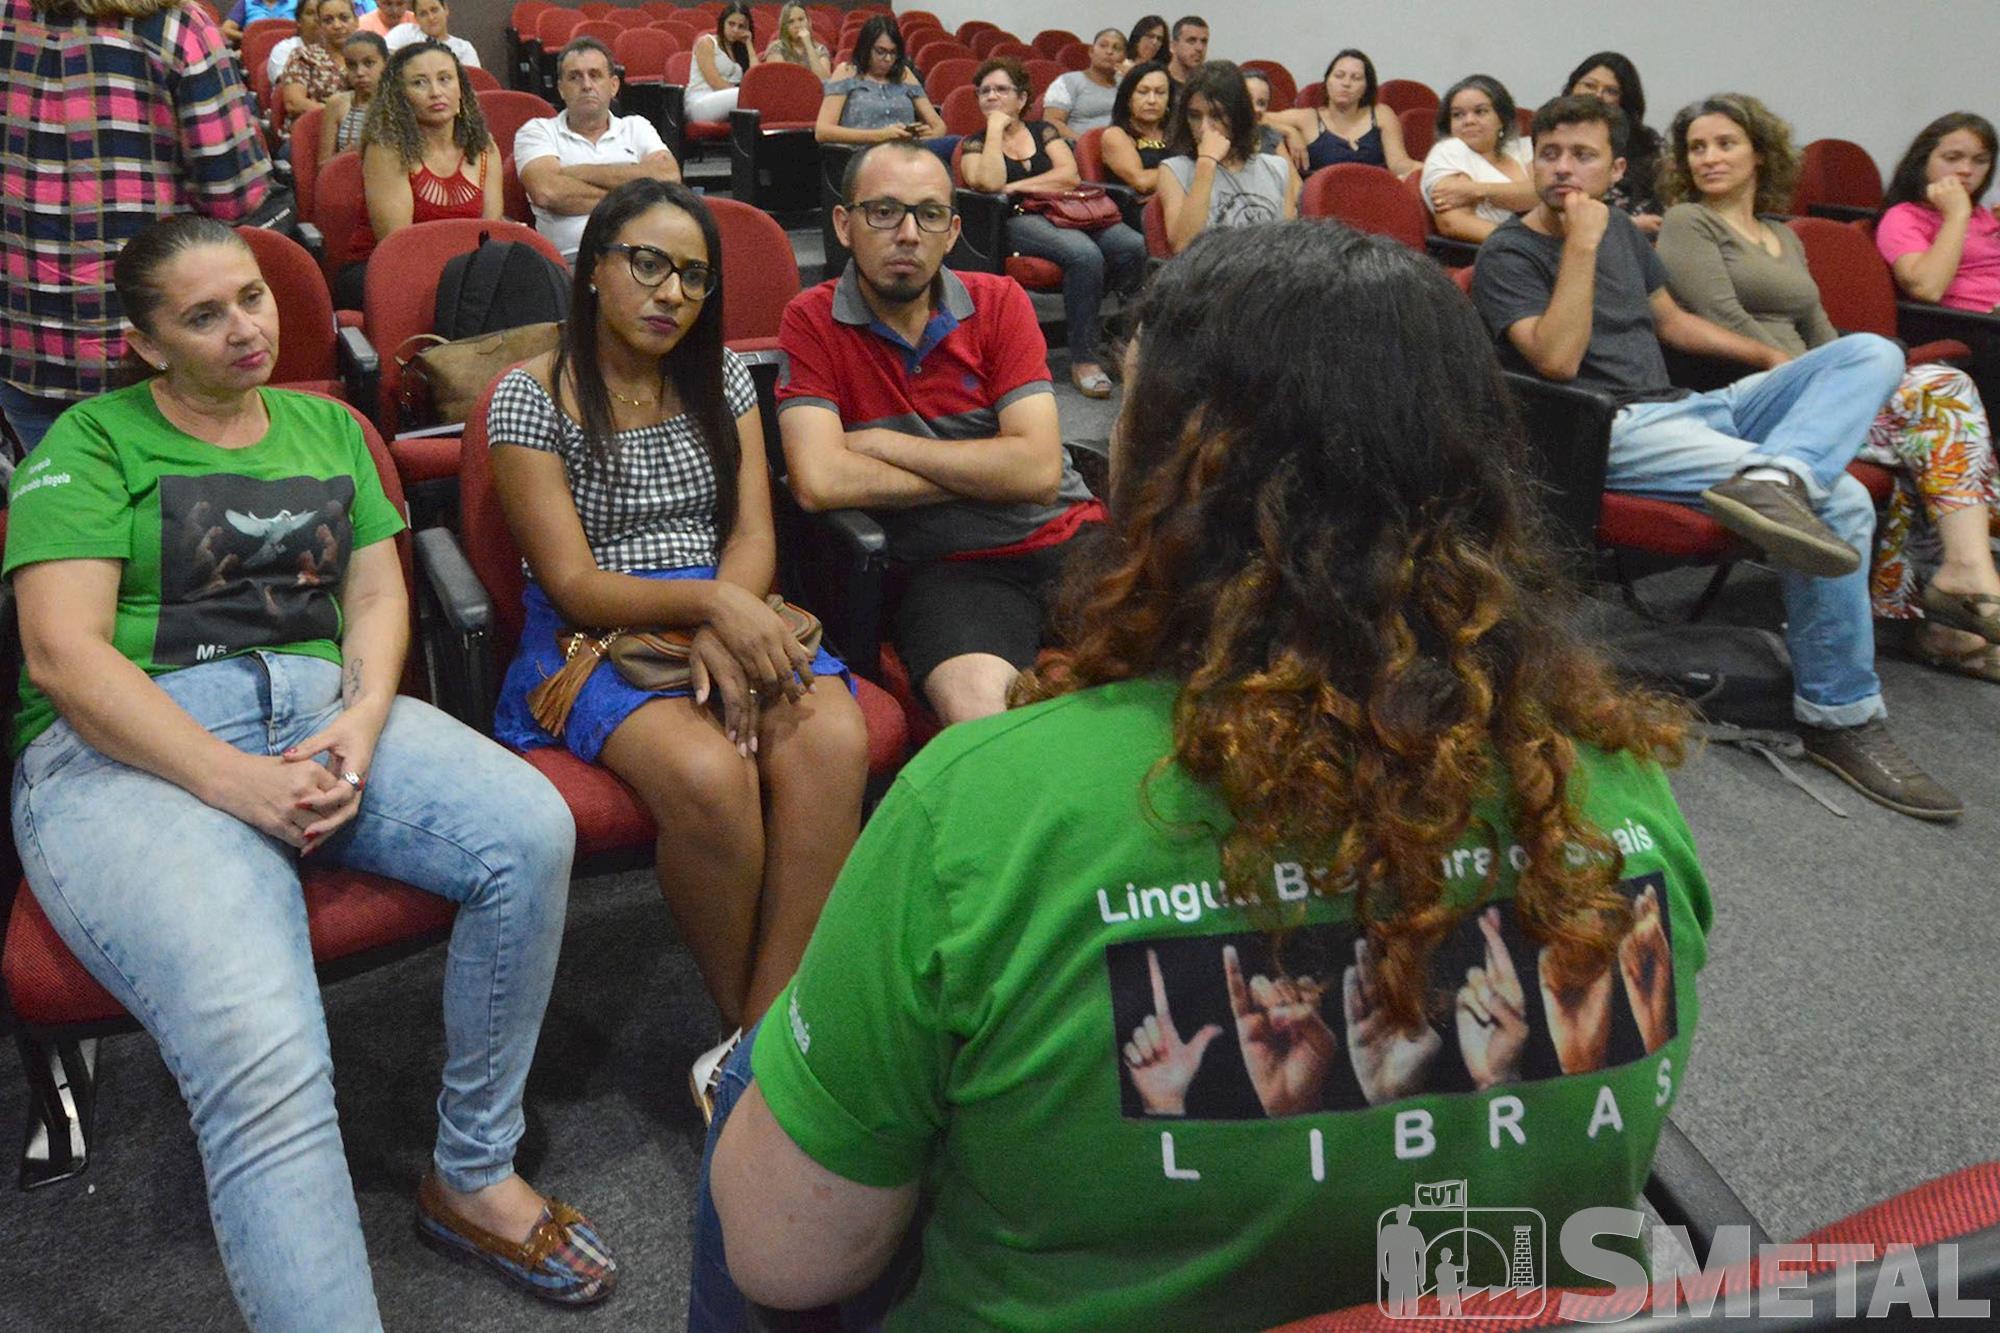 Cine debate do SMetal reforça a necessidade da igualdade de gênero, mulher, luta, cine, debate, Foguinho/Imprensa SMetal